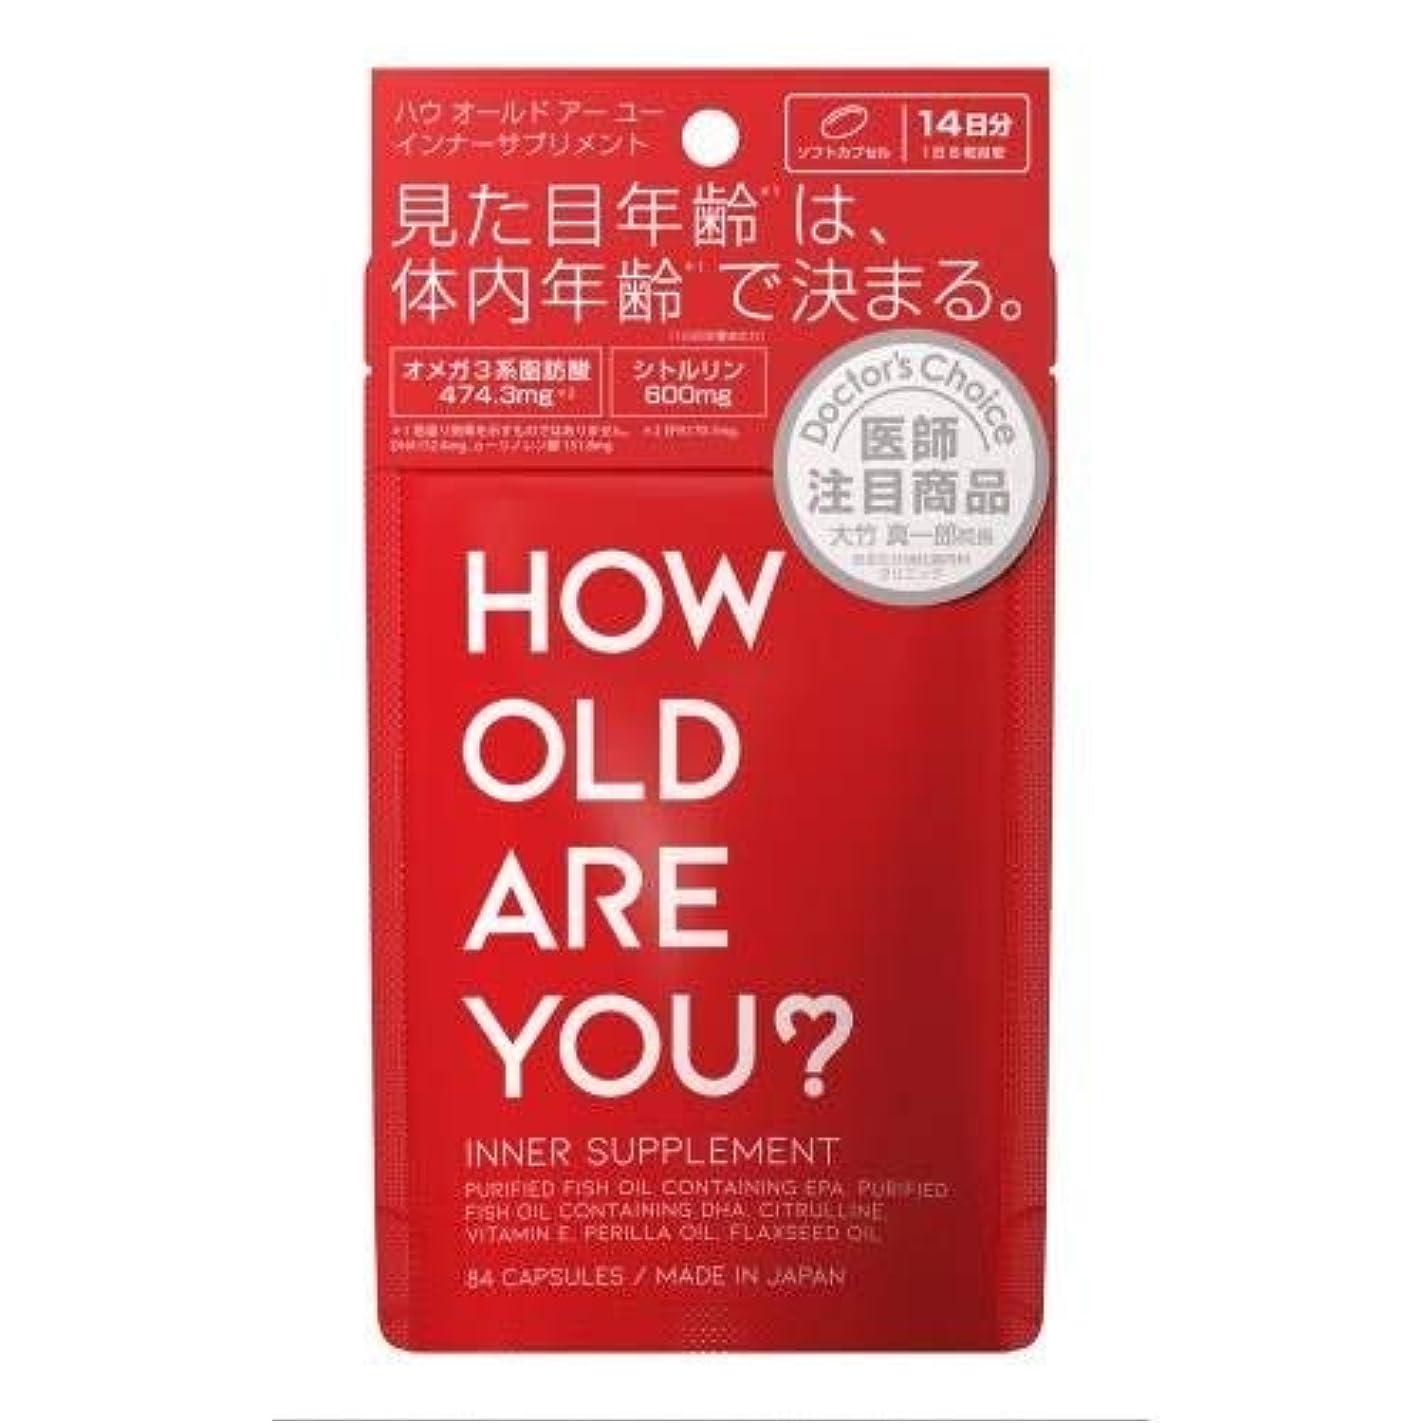 リスキーなラグ引数【6個セット】HOW OLD ARE YOU?インナーサプリメント 84粒